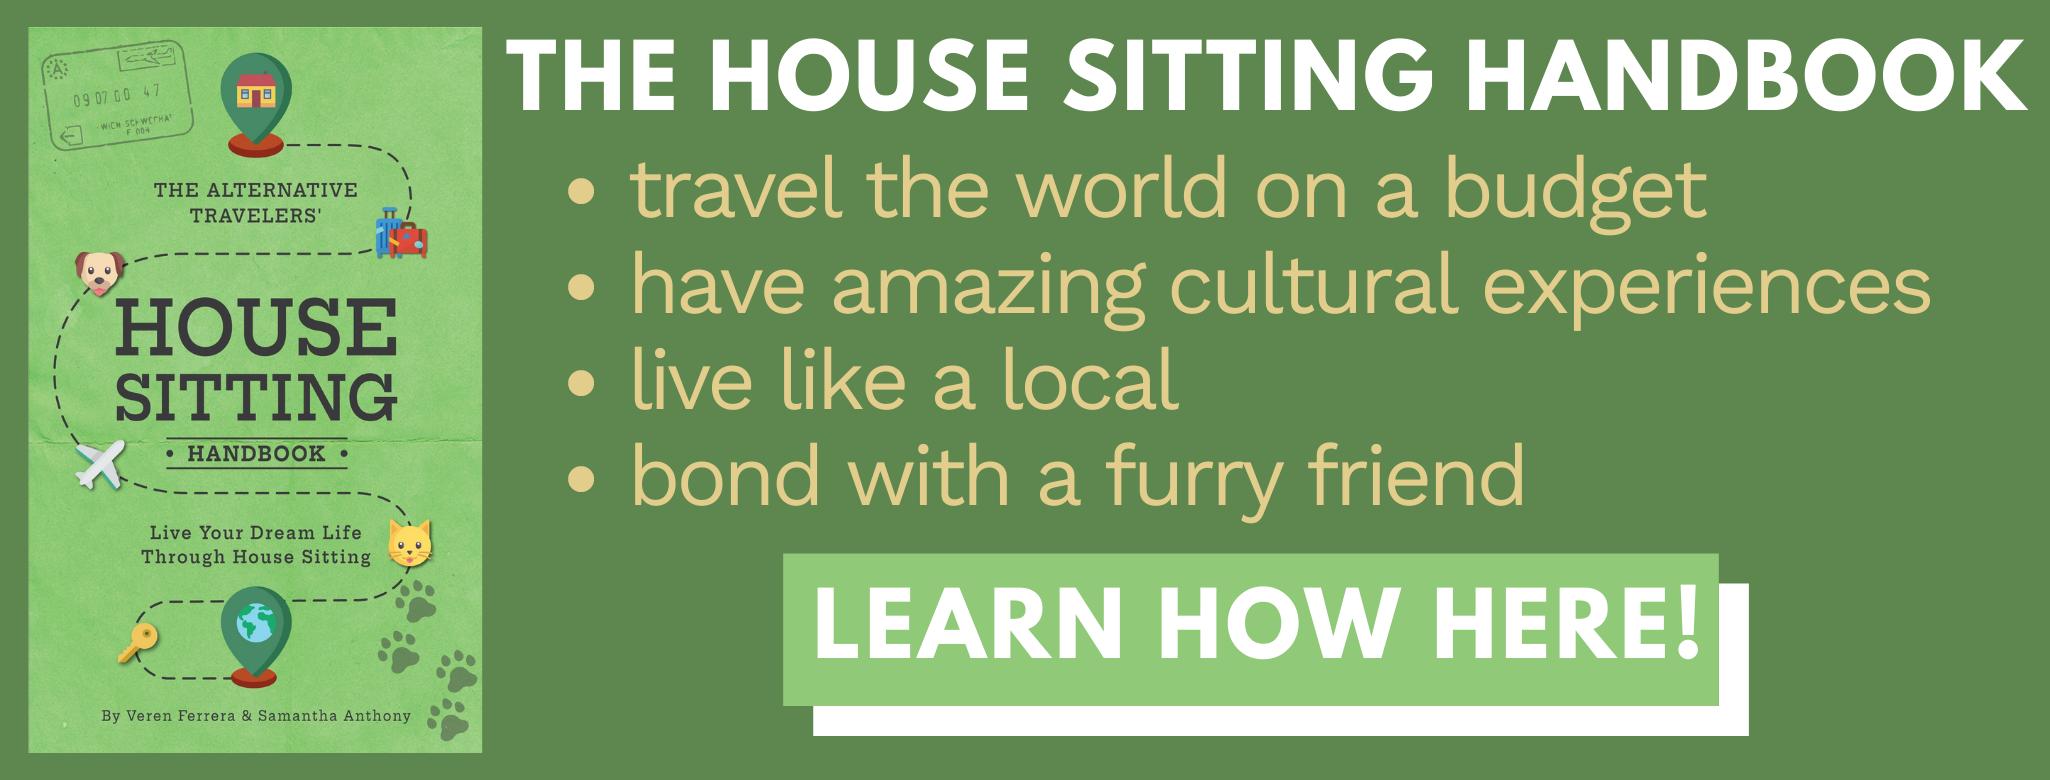 House Sitting Handbook banner